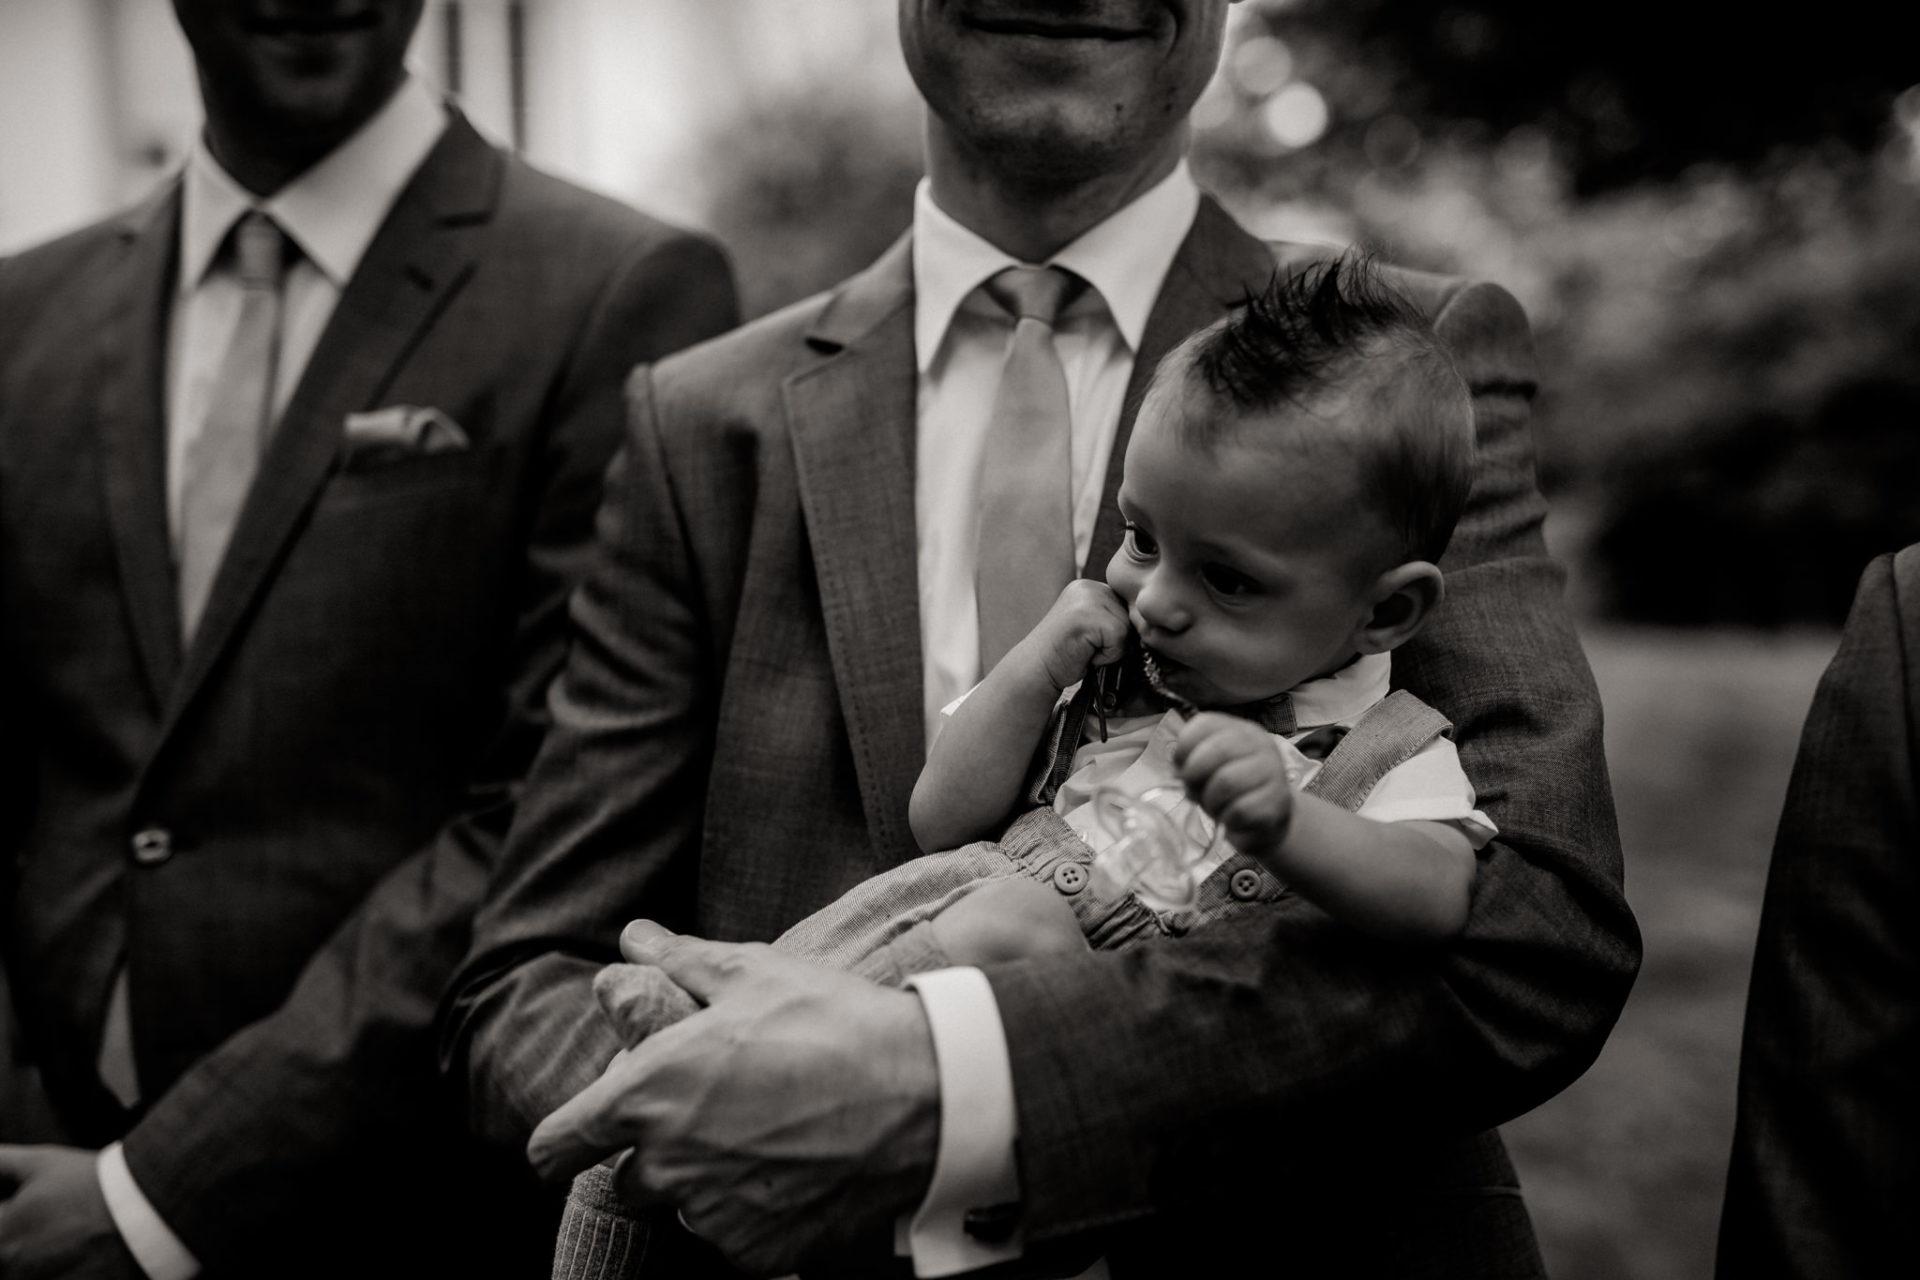 hochzeitsfotograf schloss heinsheim-elegant heiraten-Schafstall Heinsheim-Natürliche Portraits-Umgestellte Hochzeitsbilder-Freie Trauung Sabine John Traumar-Baby Anzug Hochzeit